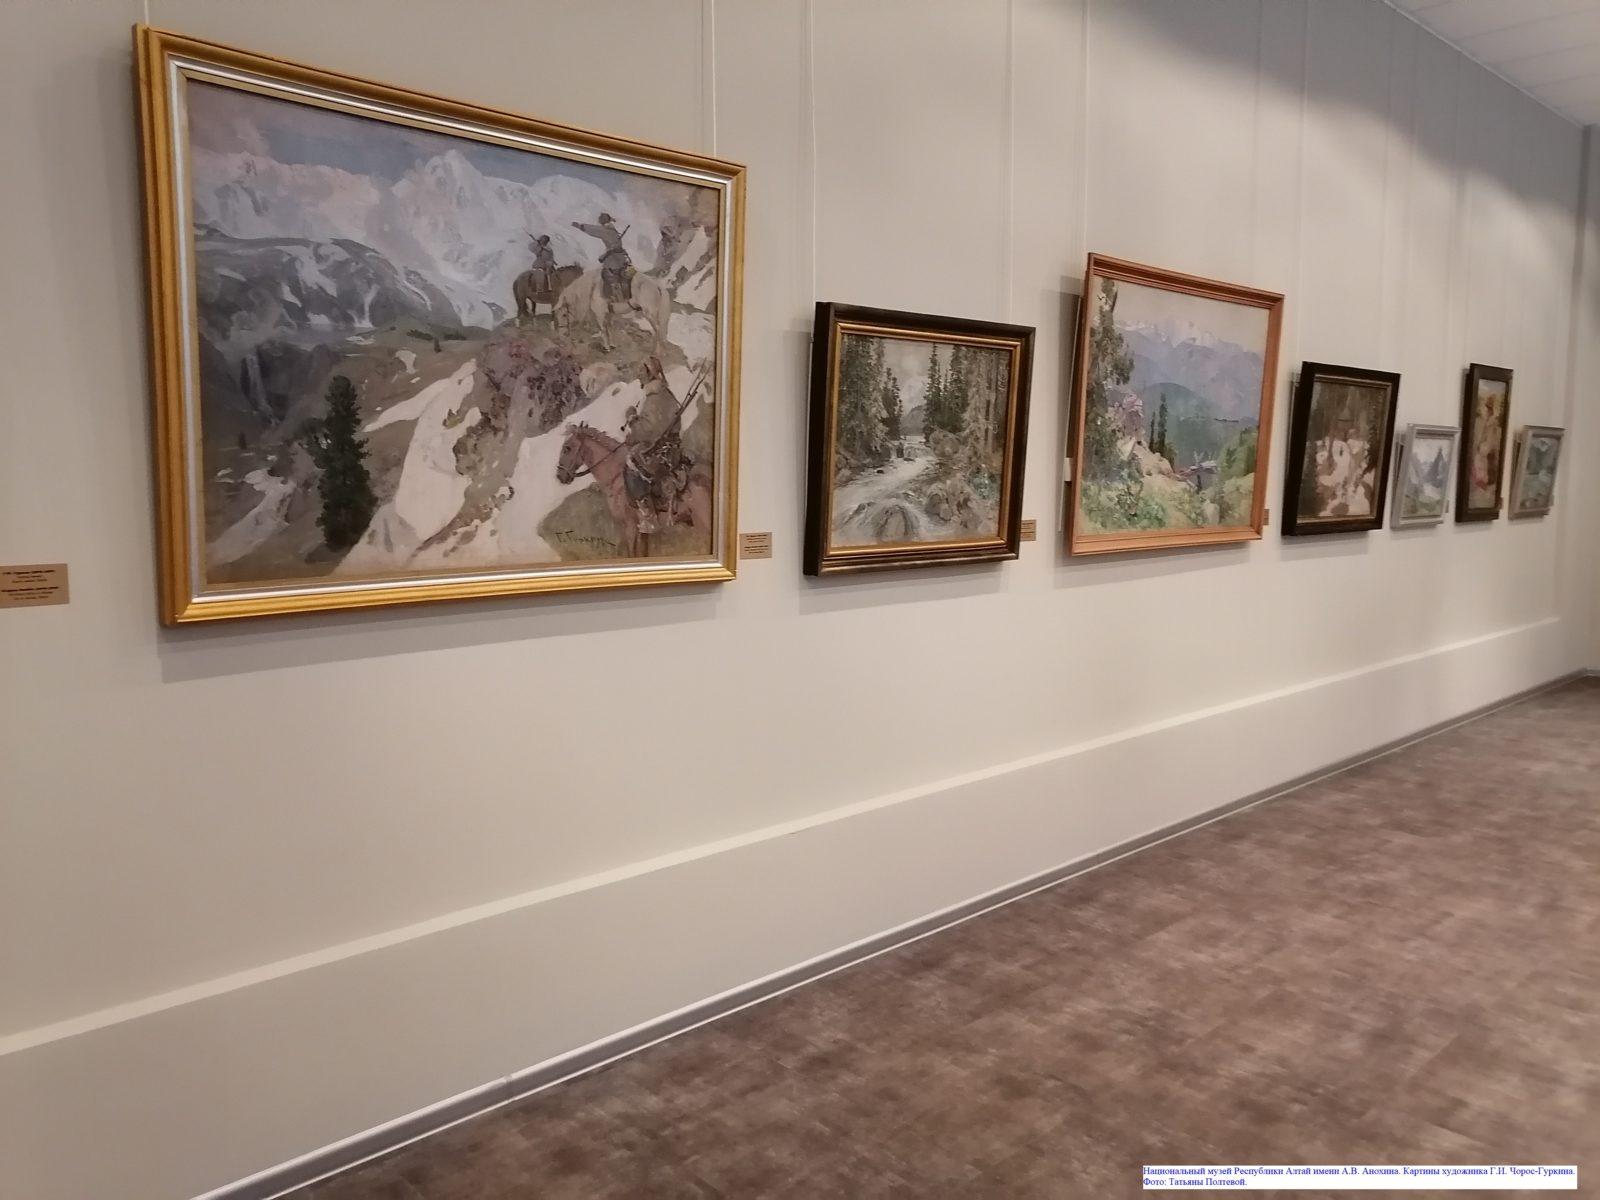 Национальный музей Республики Алтай имени А.В. Анохина. Картины художника Г.И. Чорос-Гуркина.